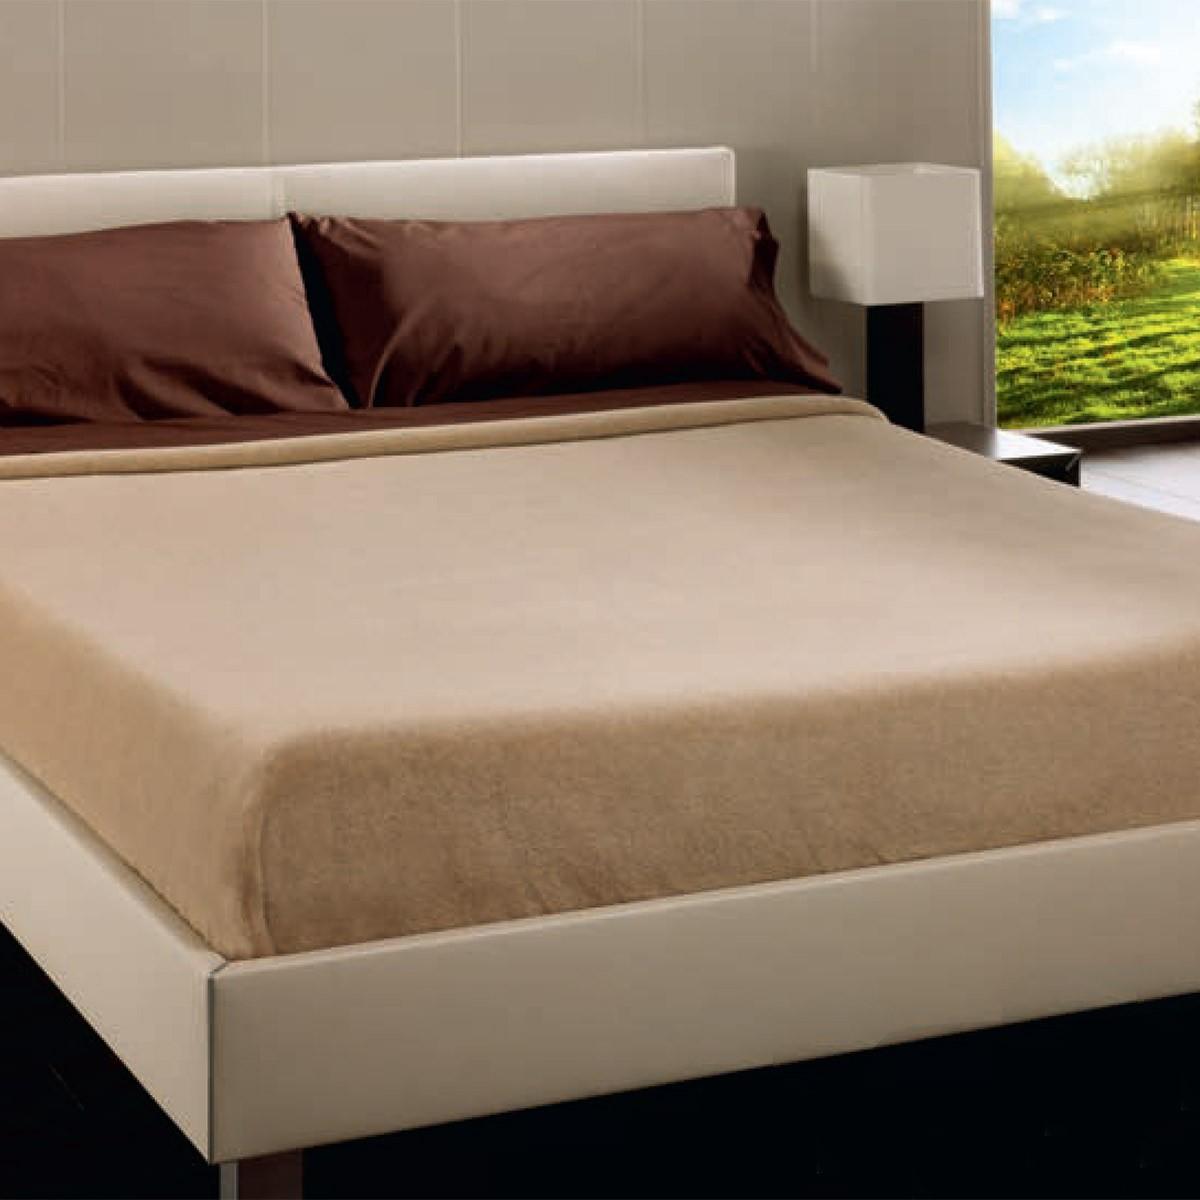 Κουβέρτα Μάλλινη Υπέρδιπλη Manterol Palace 001 C06 home   κρεβατοκάμαρα   κουβέρτες   κουβέρτες γούνινες   μάλλινες